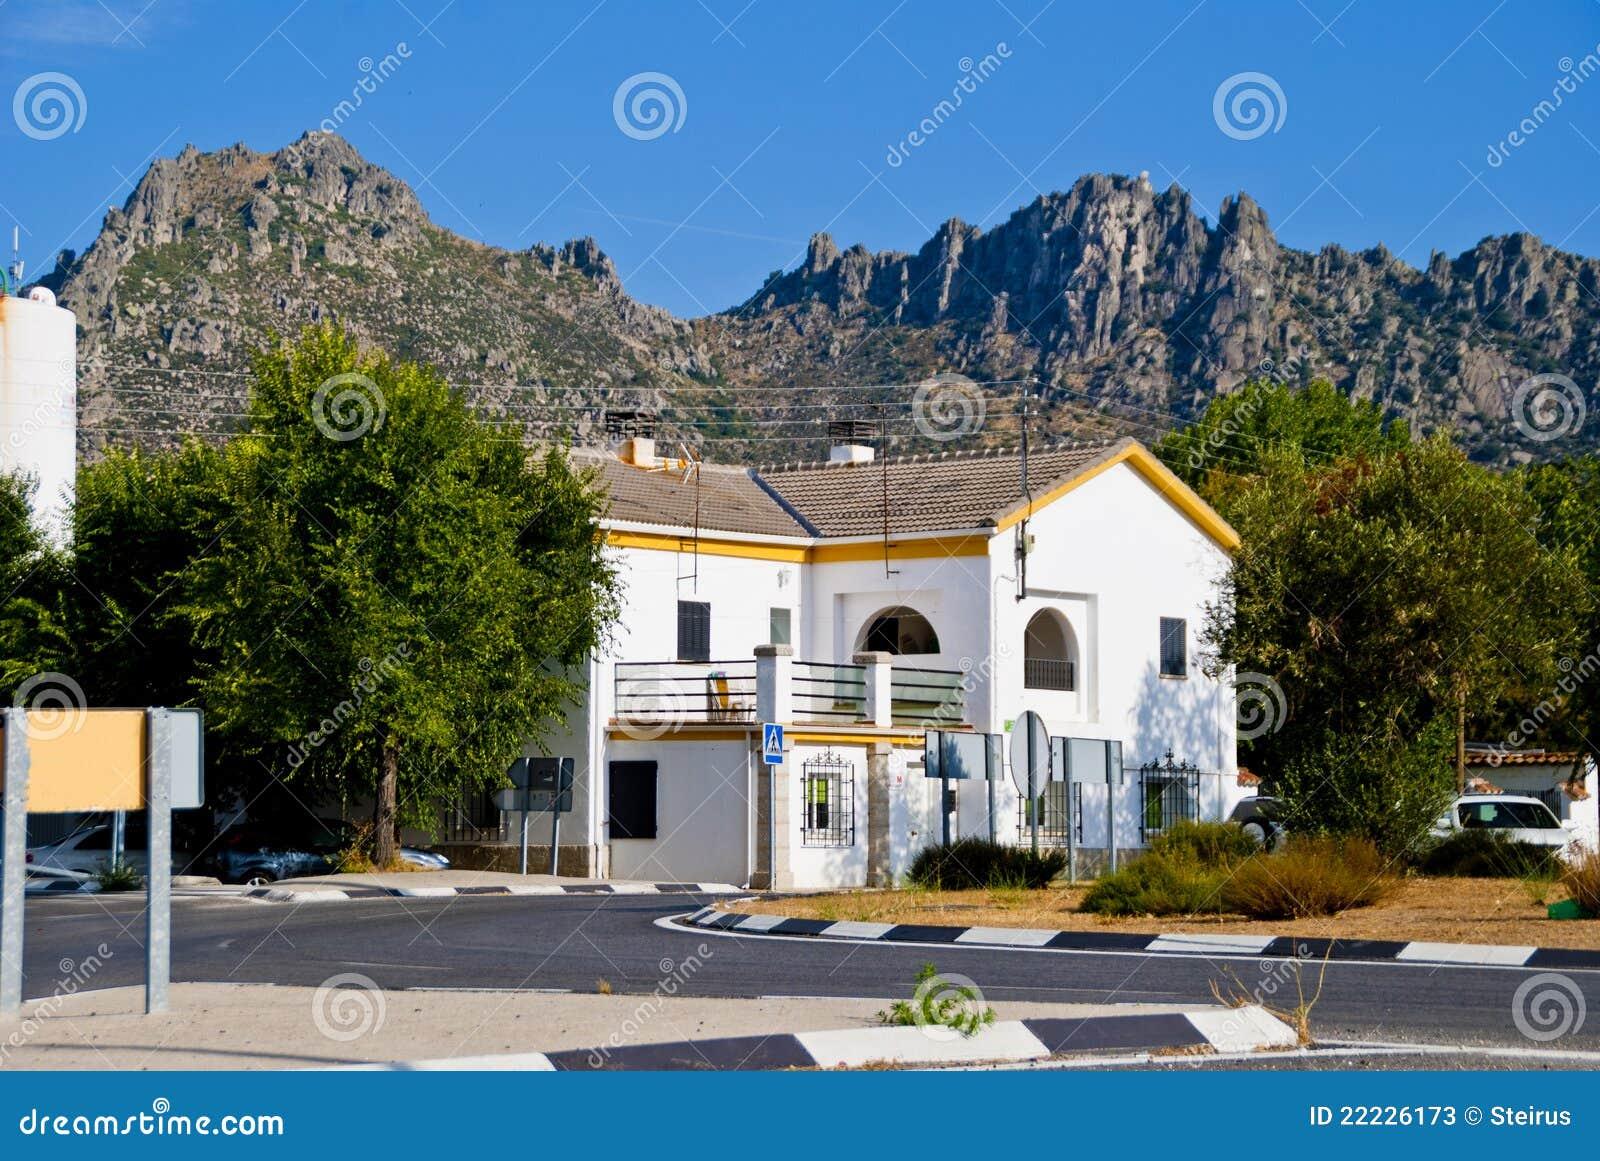 huizen in spanje stock afbeelding afbeelding bestaande